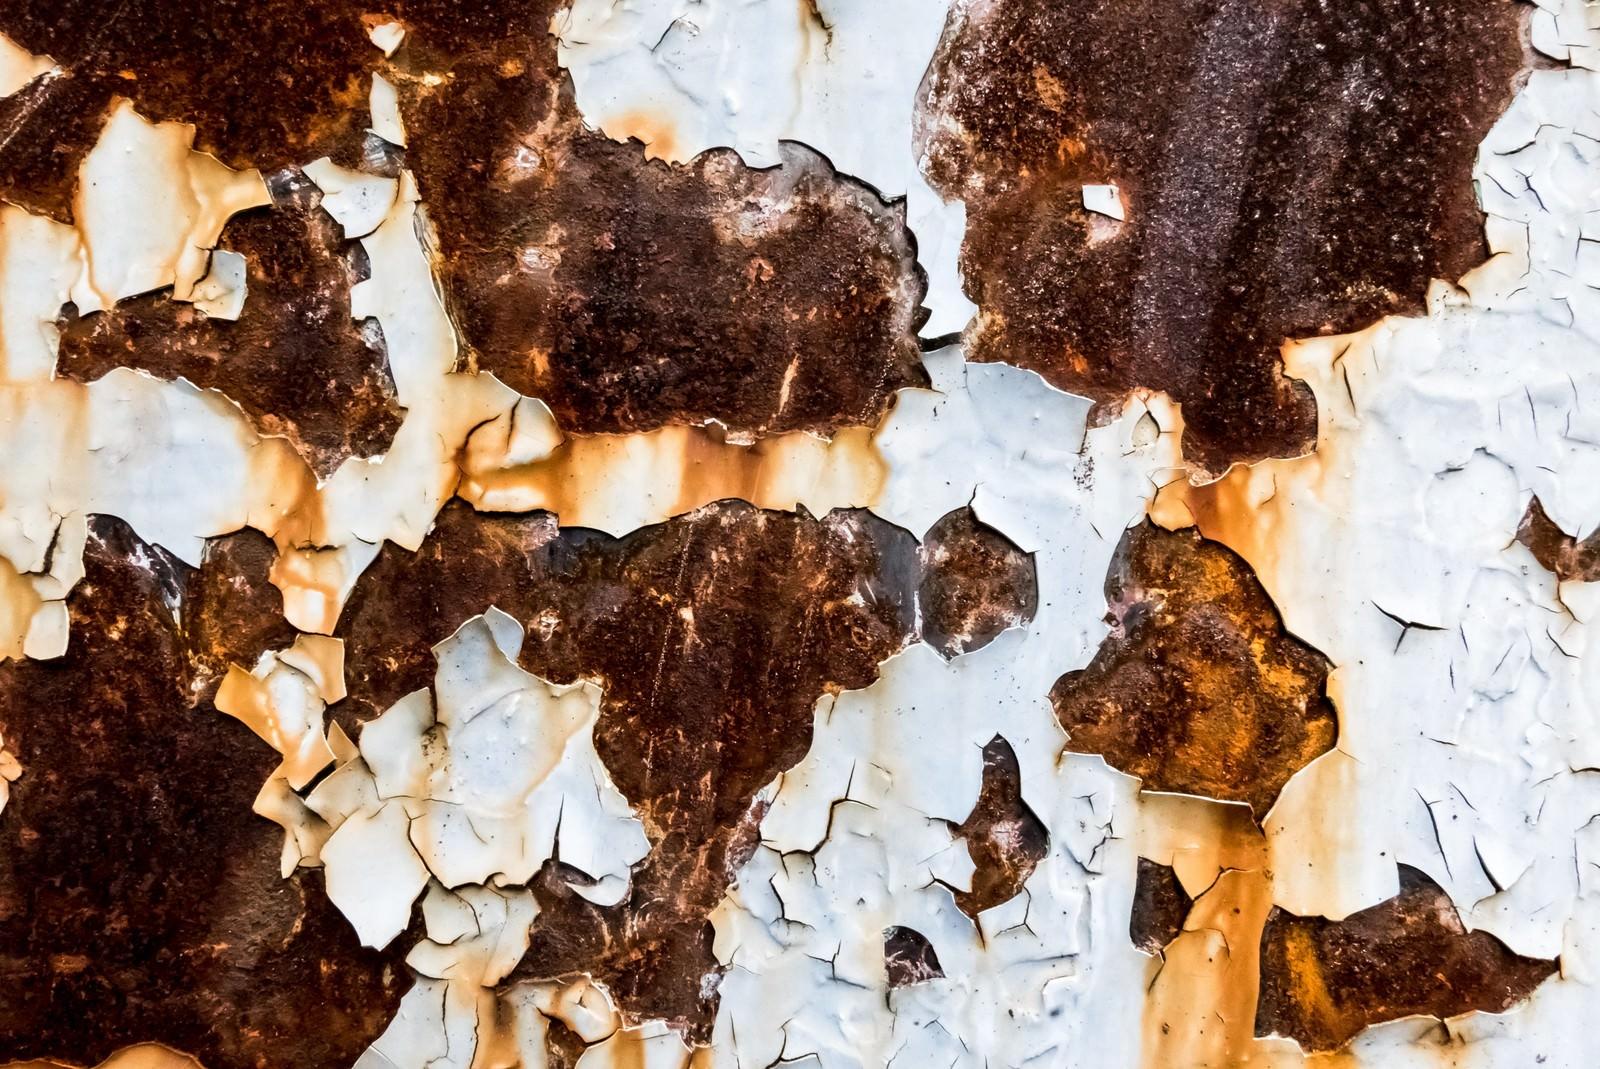 「錆びた外壁の壁錆びた外壁の壁」のフリー写真素材を拡大